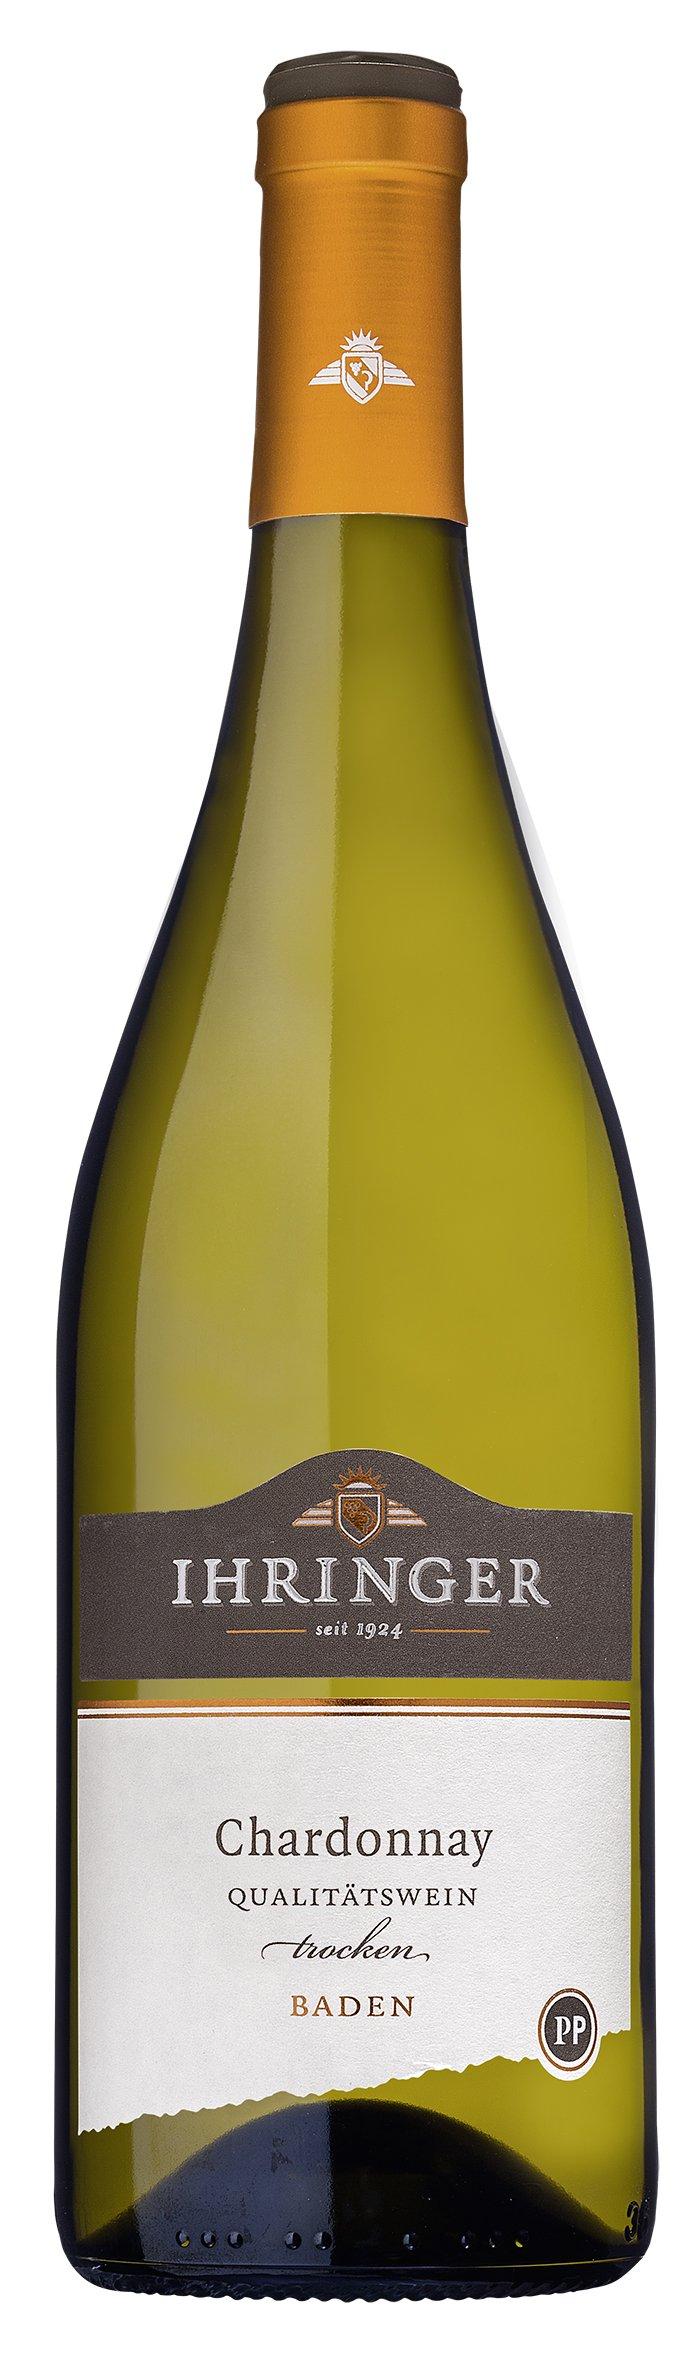 Ihringer-Chardonnay-Qualittswein-trocken-Premium-075-L-Artikel-Nr-29126-Mindestbestellmenge-6-Flaschen-aus-dem-Gesamtsortiment